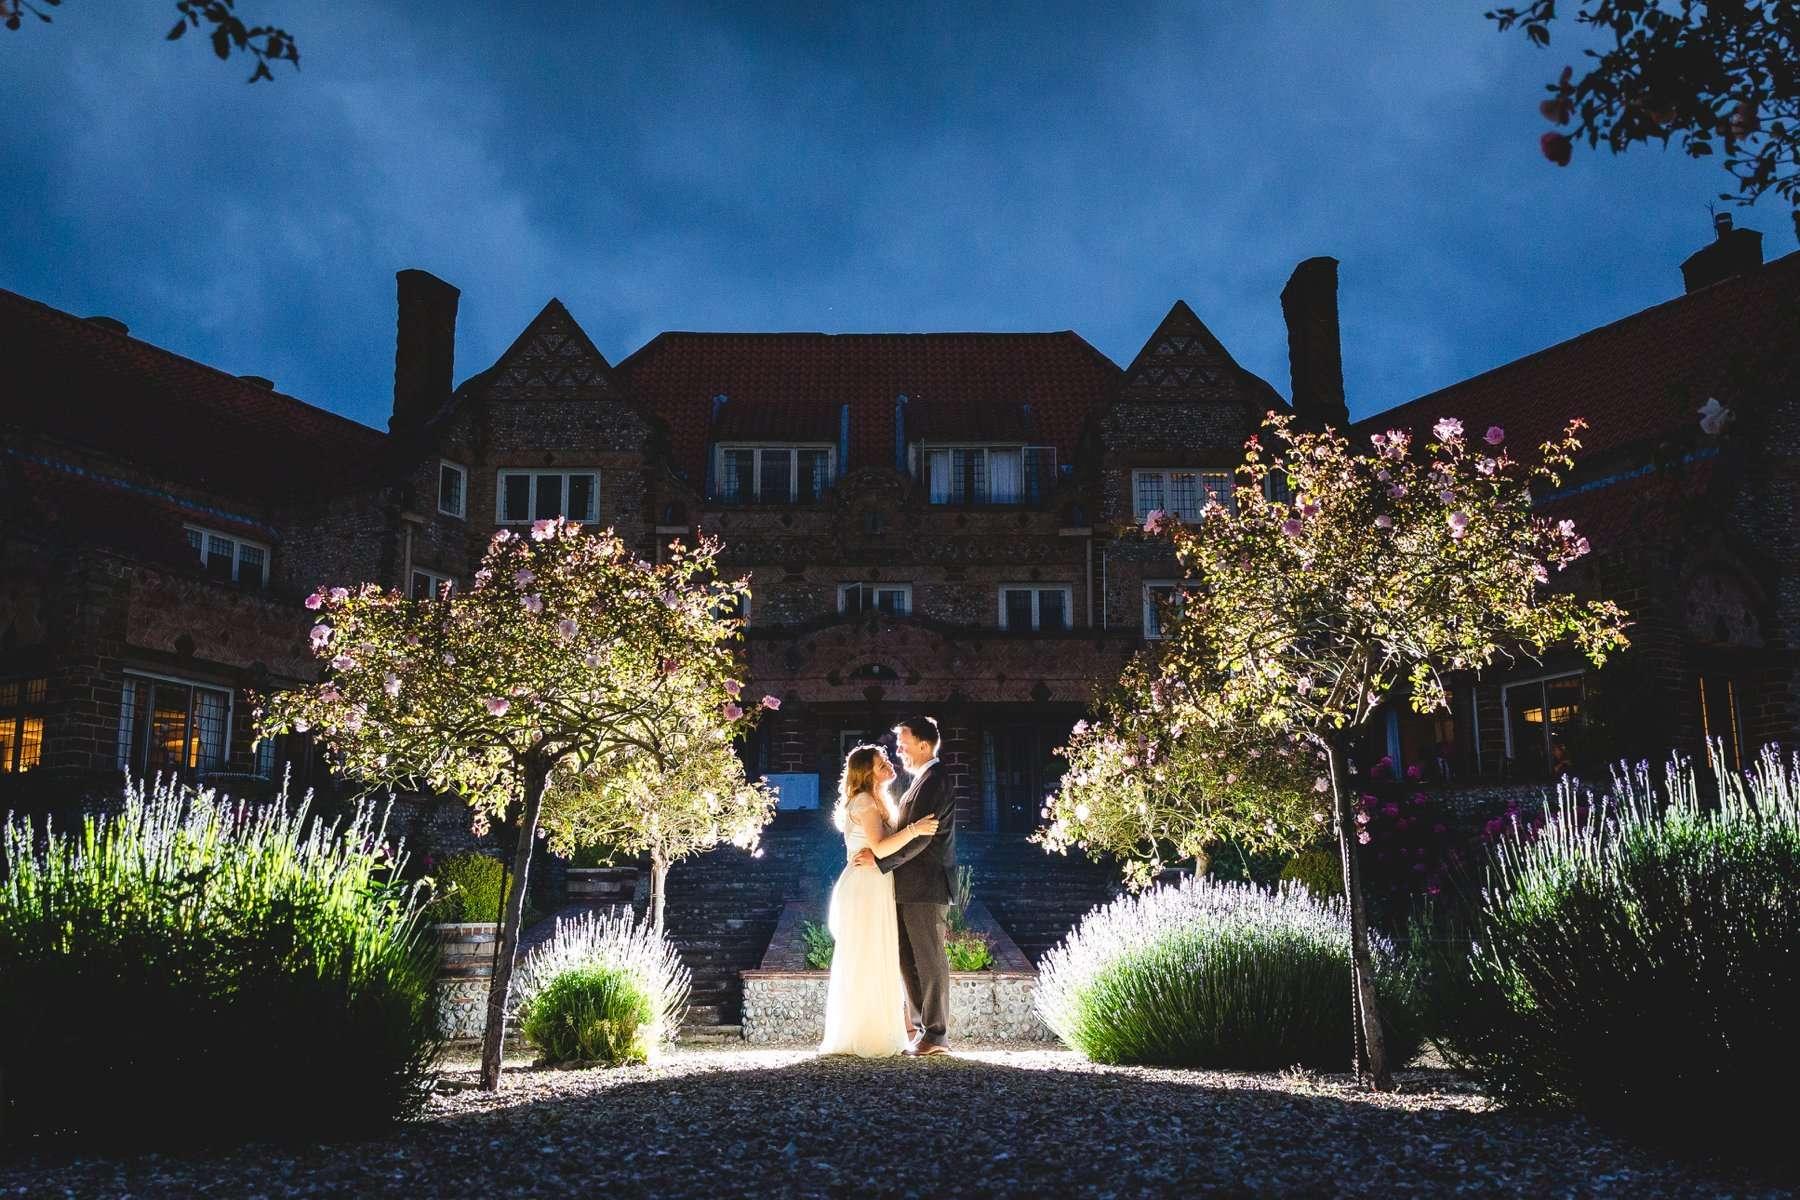 ndy Davison - Norfolk Wedding and Lifestyle Photographer